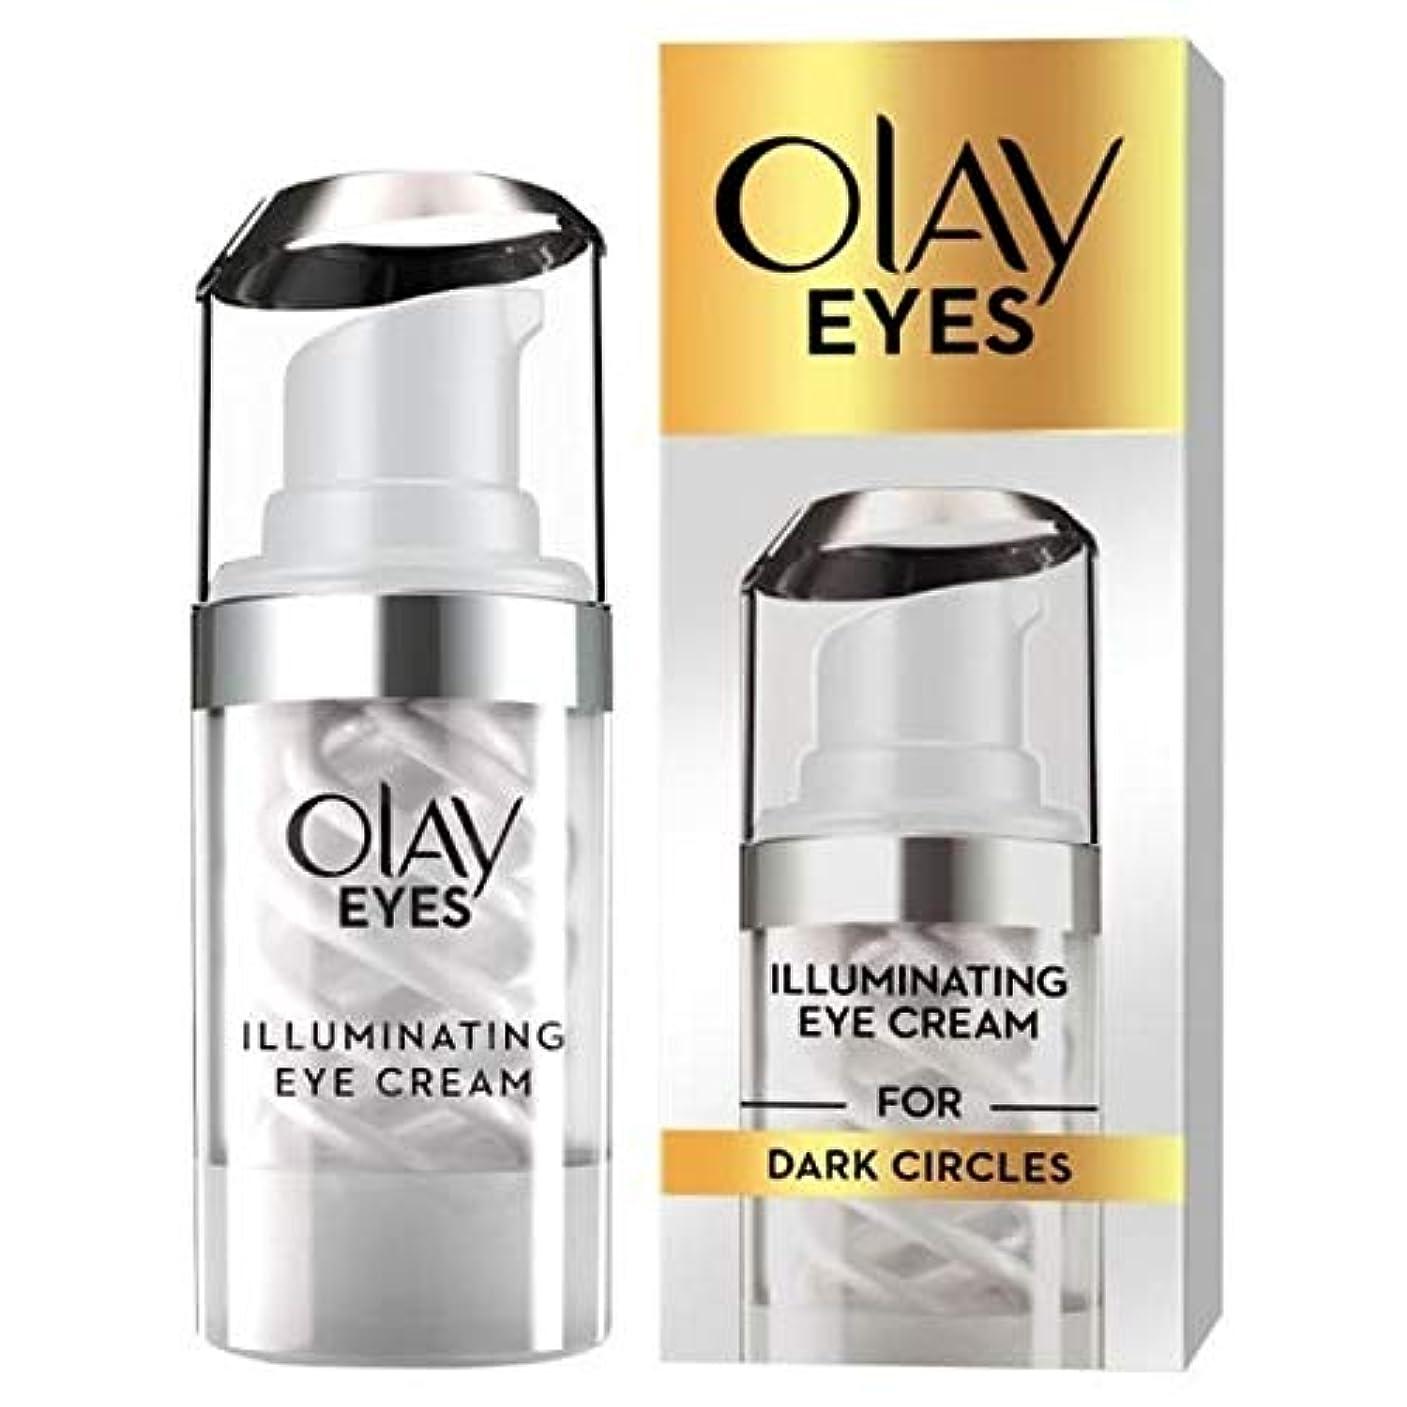 リフト復活させる宣伝[Olay] アイクリーム15ミリリットルを照らすオーレイ目 - Olay Eyes Illuminating Eye Cream 15Ml [並行輸入品]